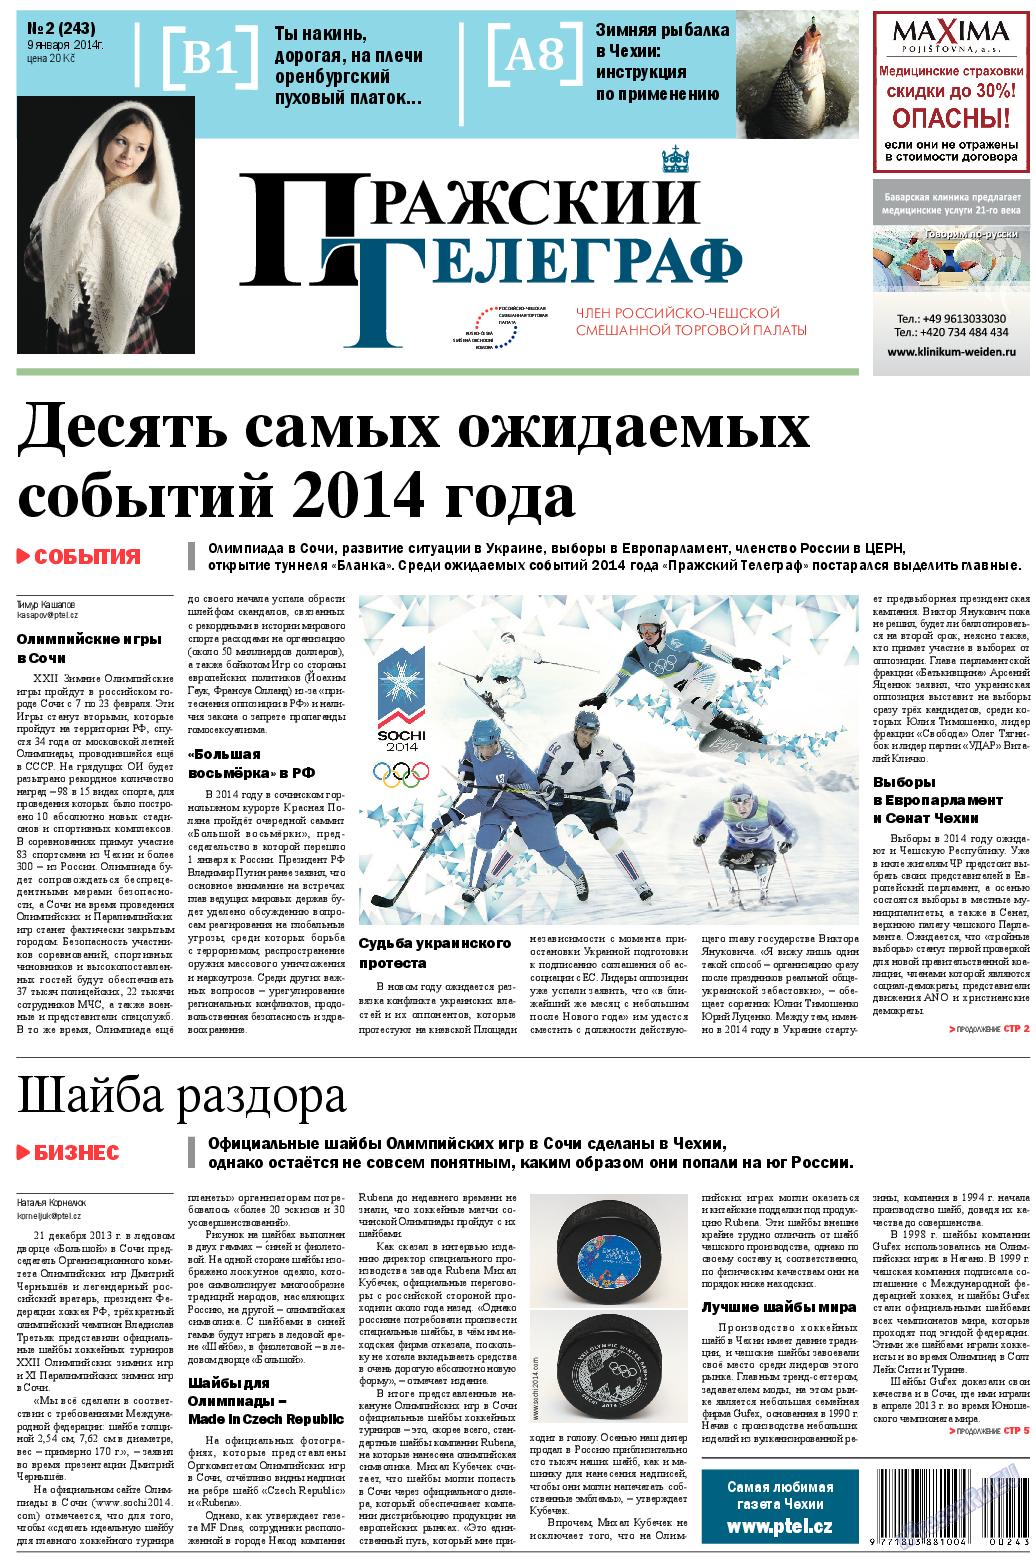 Пражский телеграф (газета). 2014 год, номер 2, стр. 1